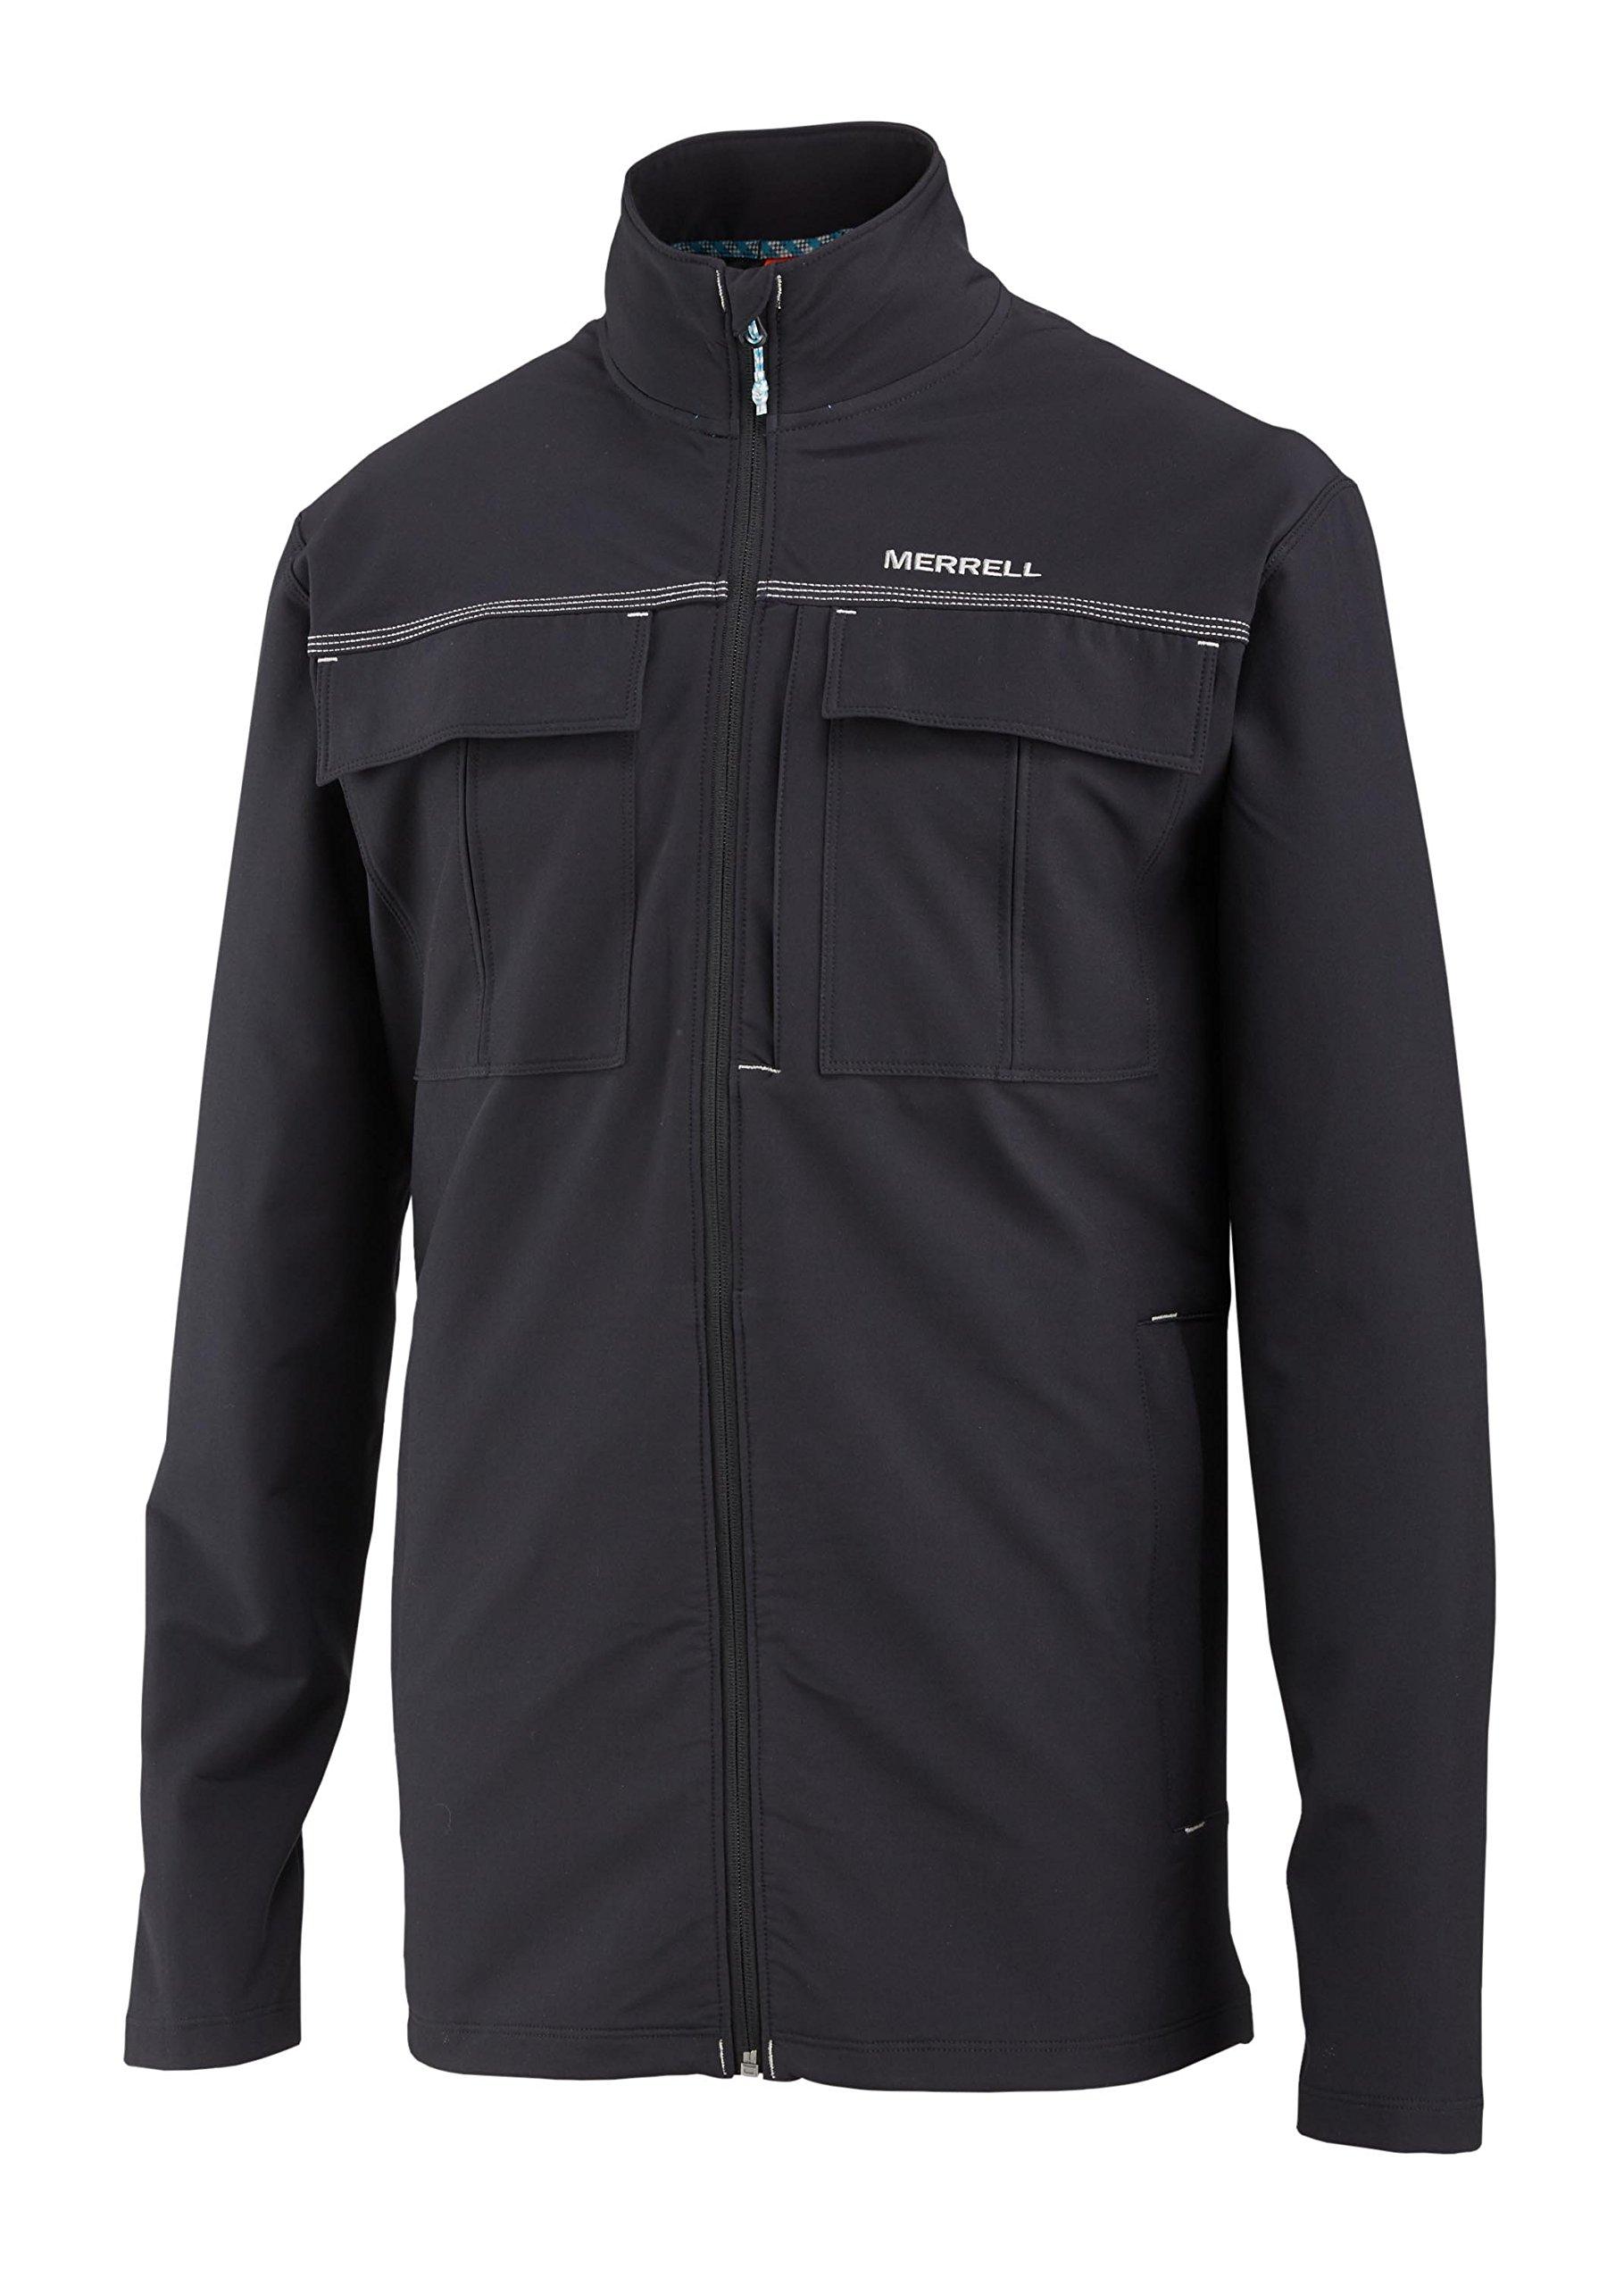 Merrell Stapleton Travel Jacket, Black, Large by Merrell